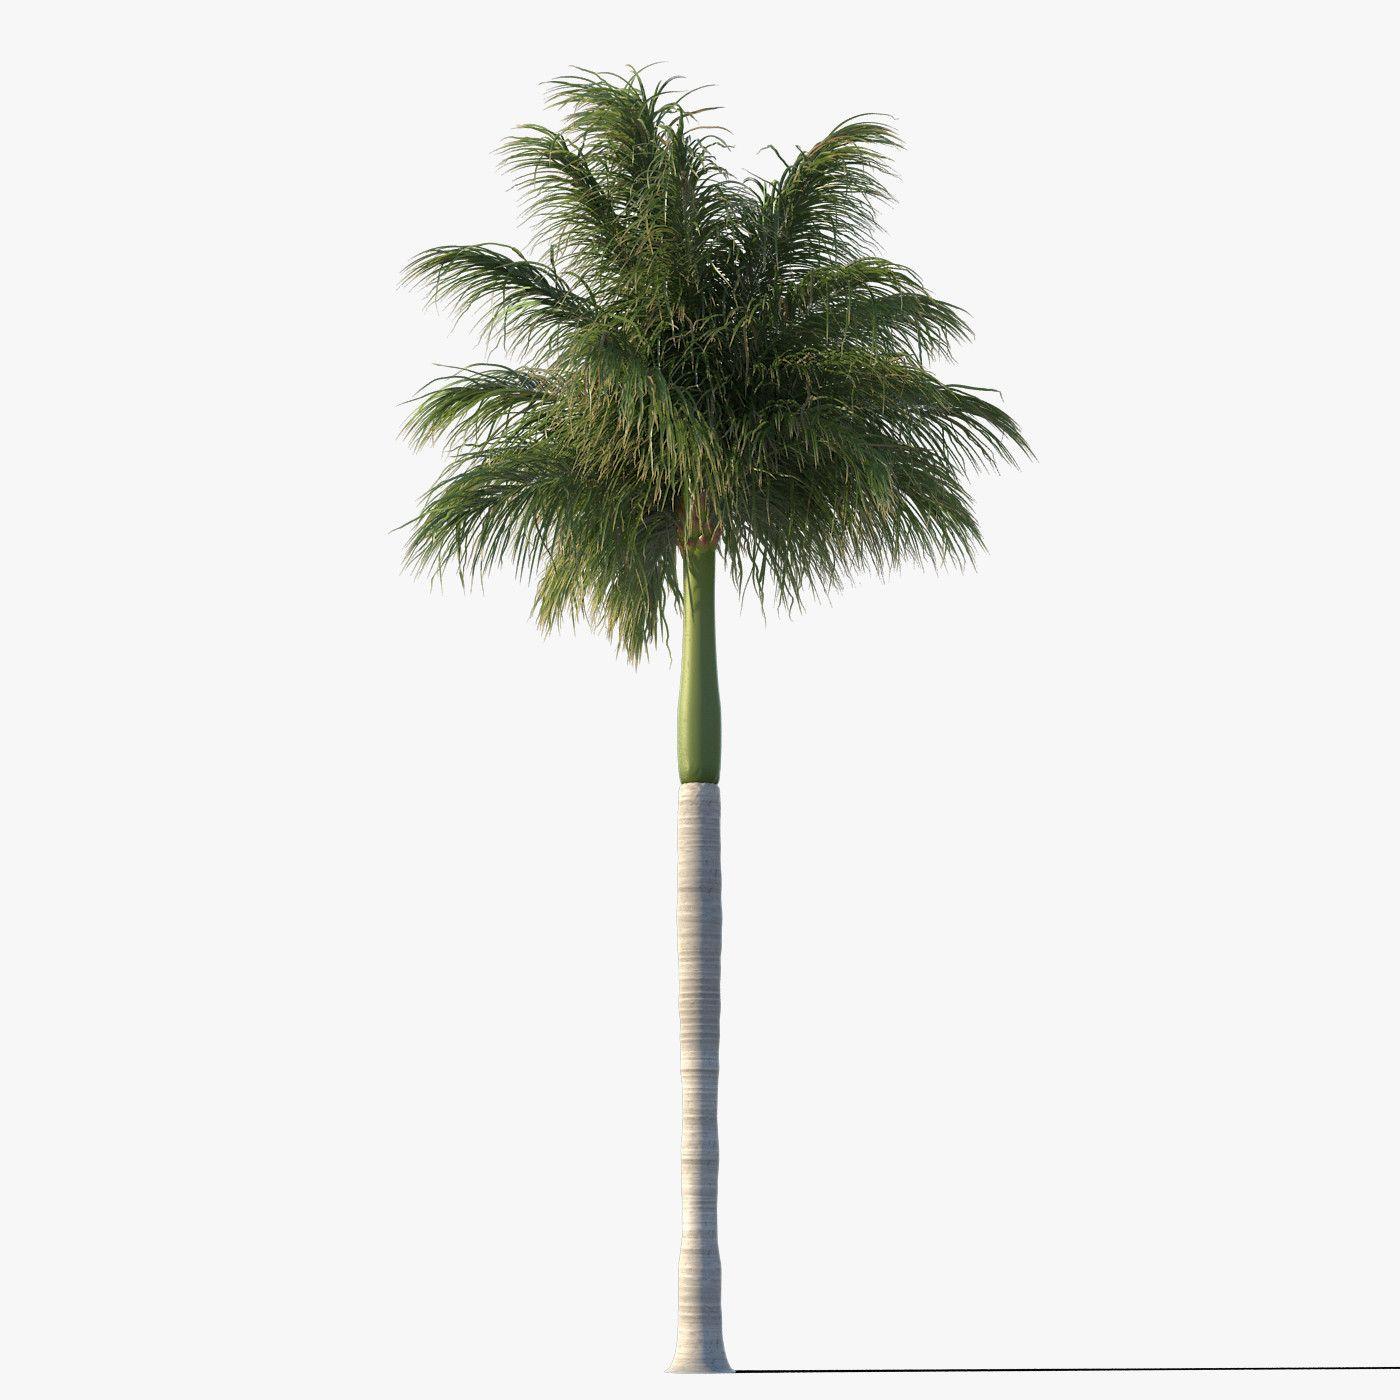 palmier 3d autocad